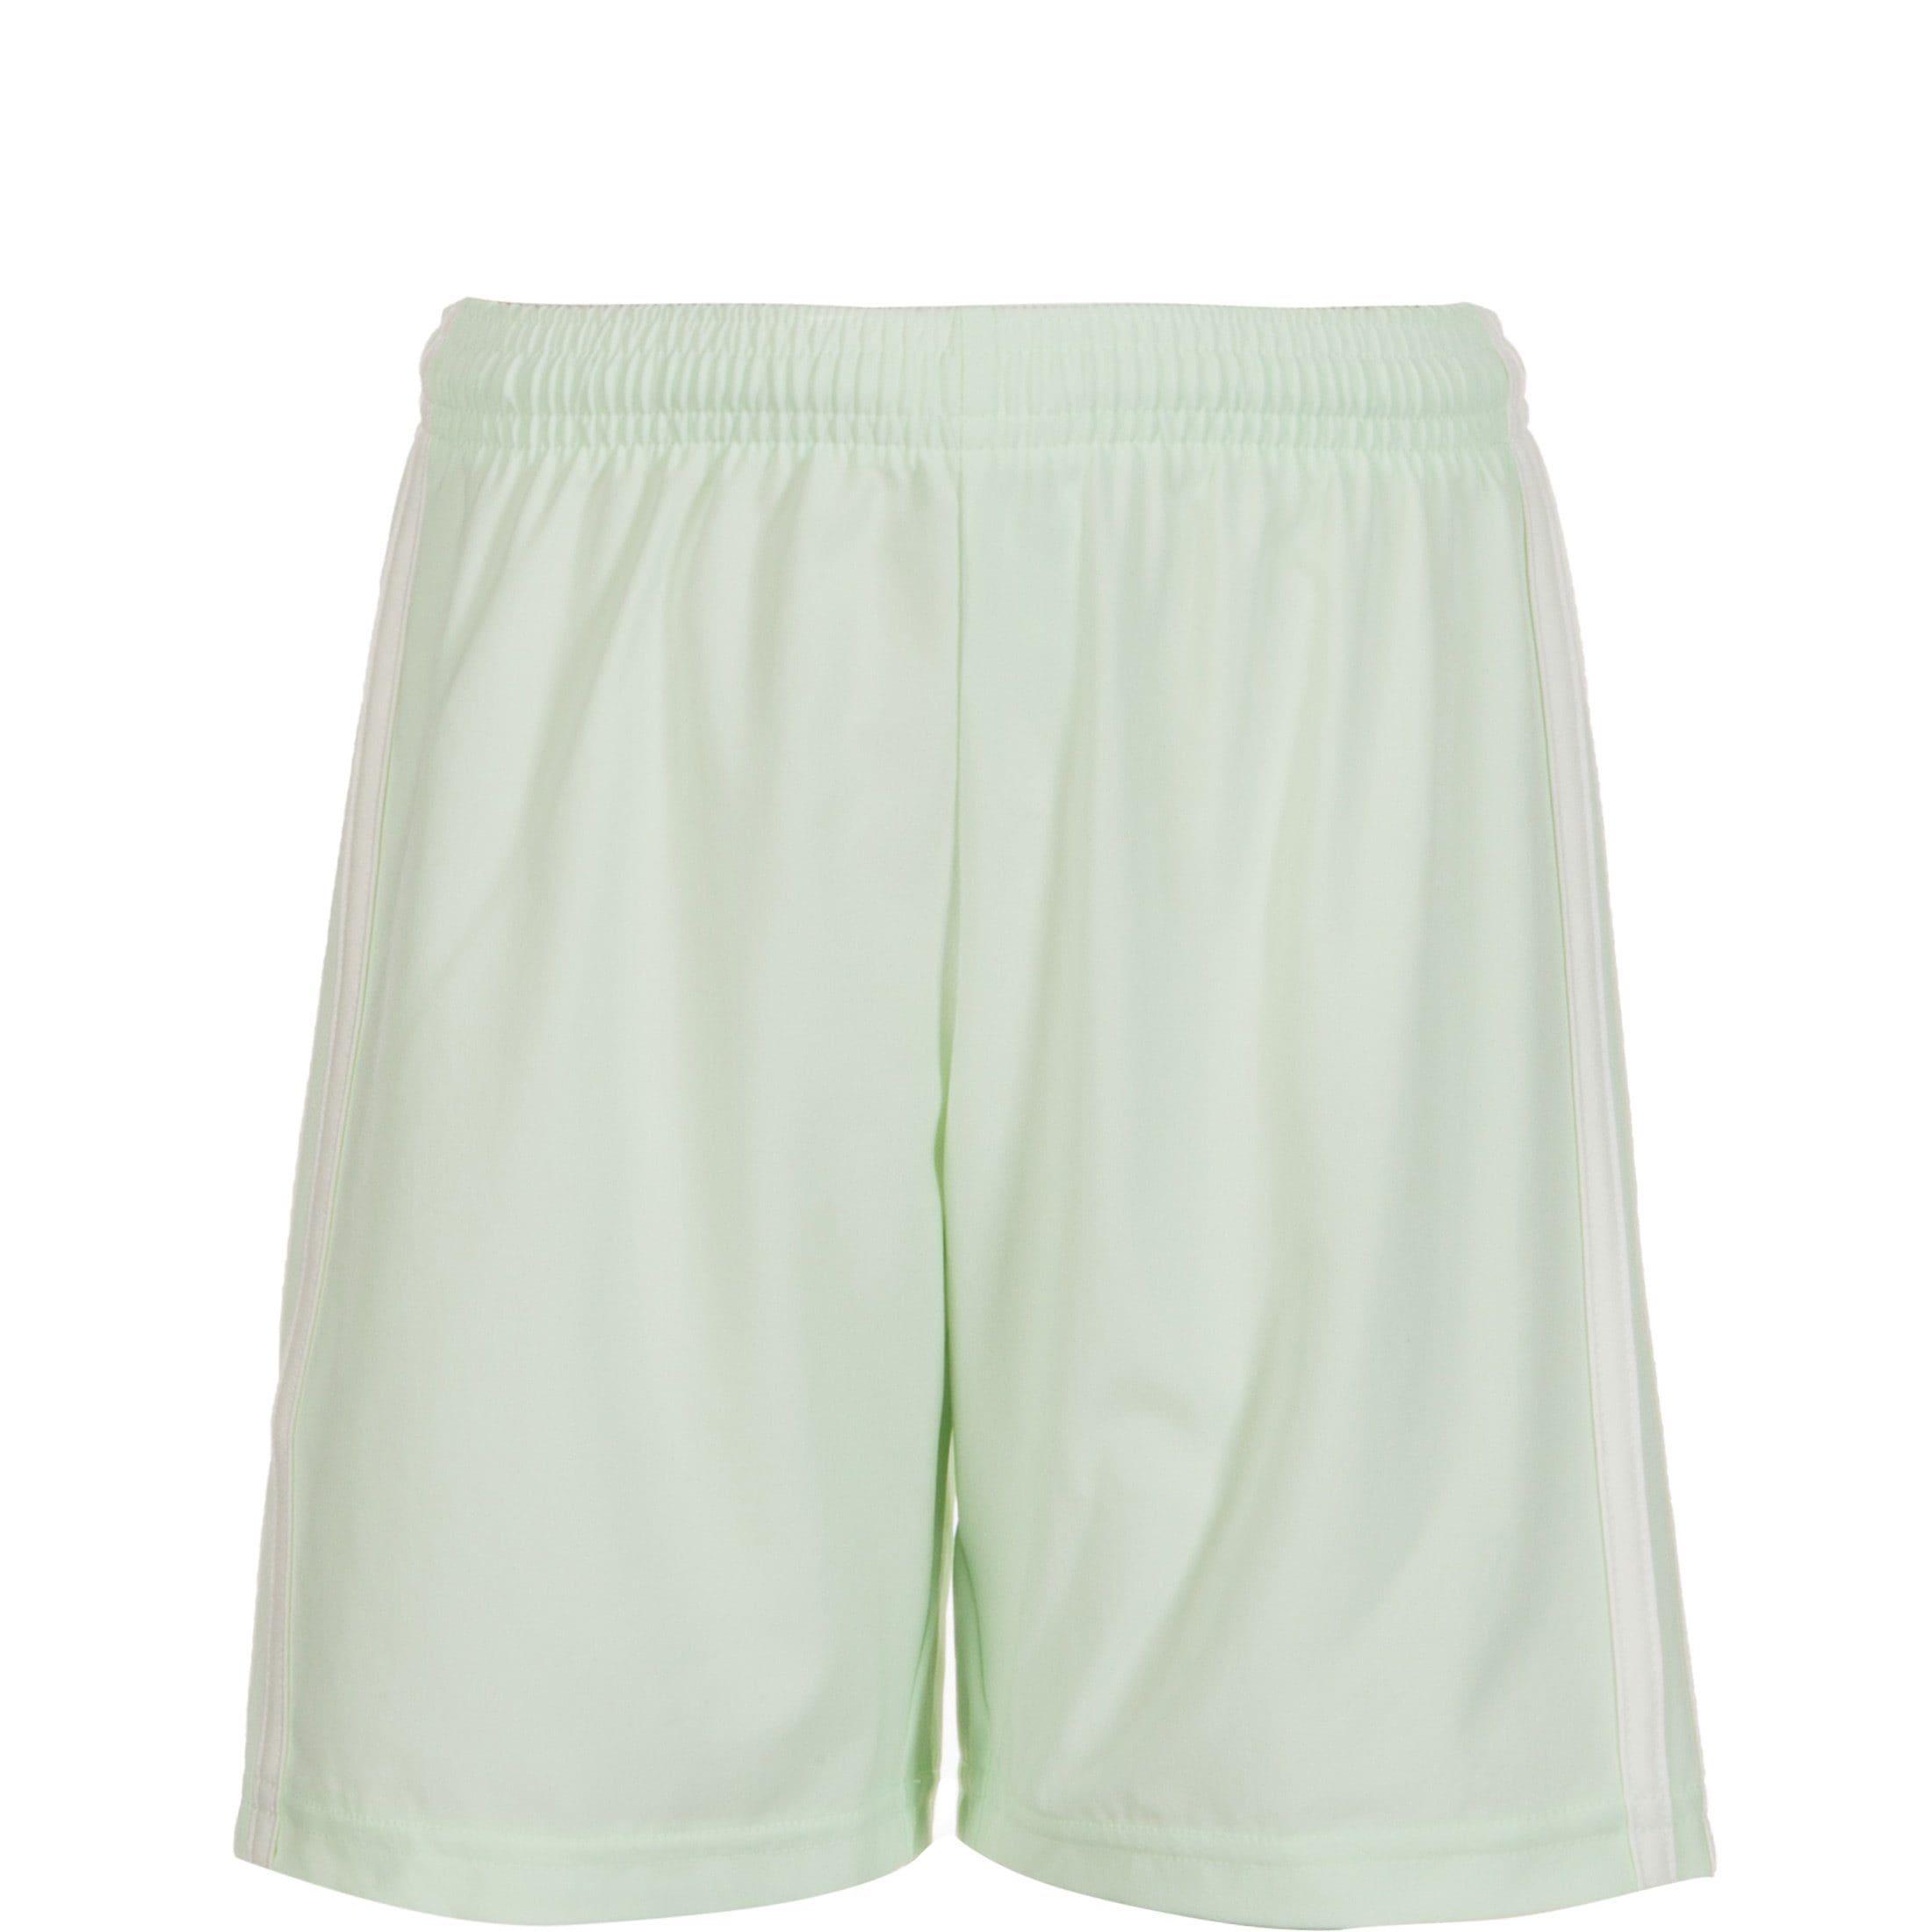 adidas Performance Shorts Condivo 18 grün Kinder Sportshorts Bermudas Jungenkleidung Hosen